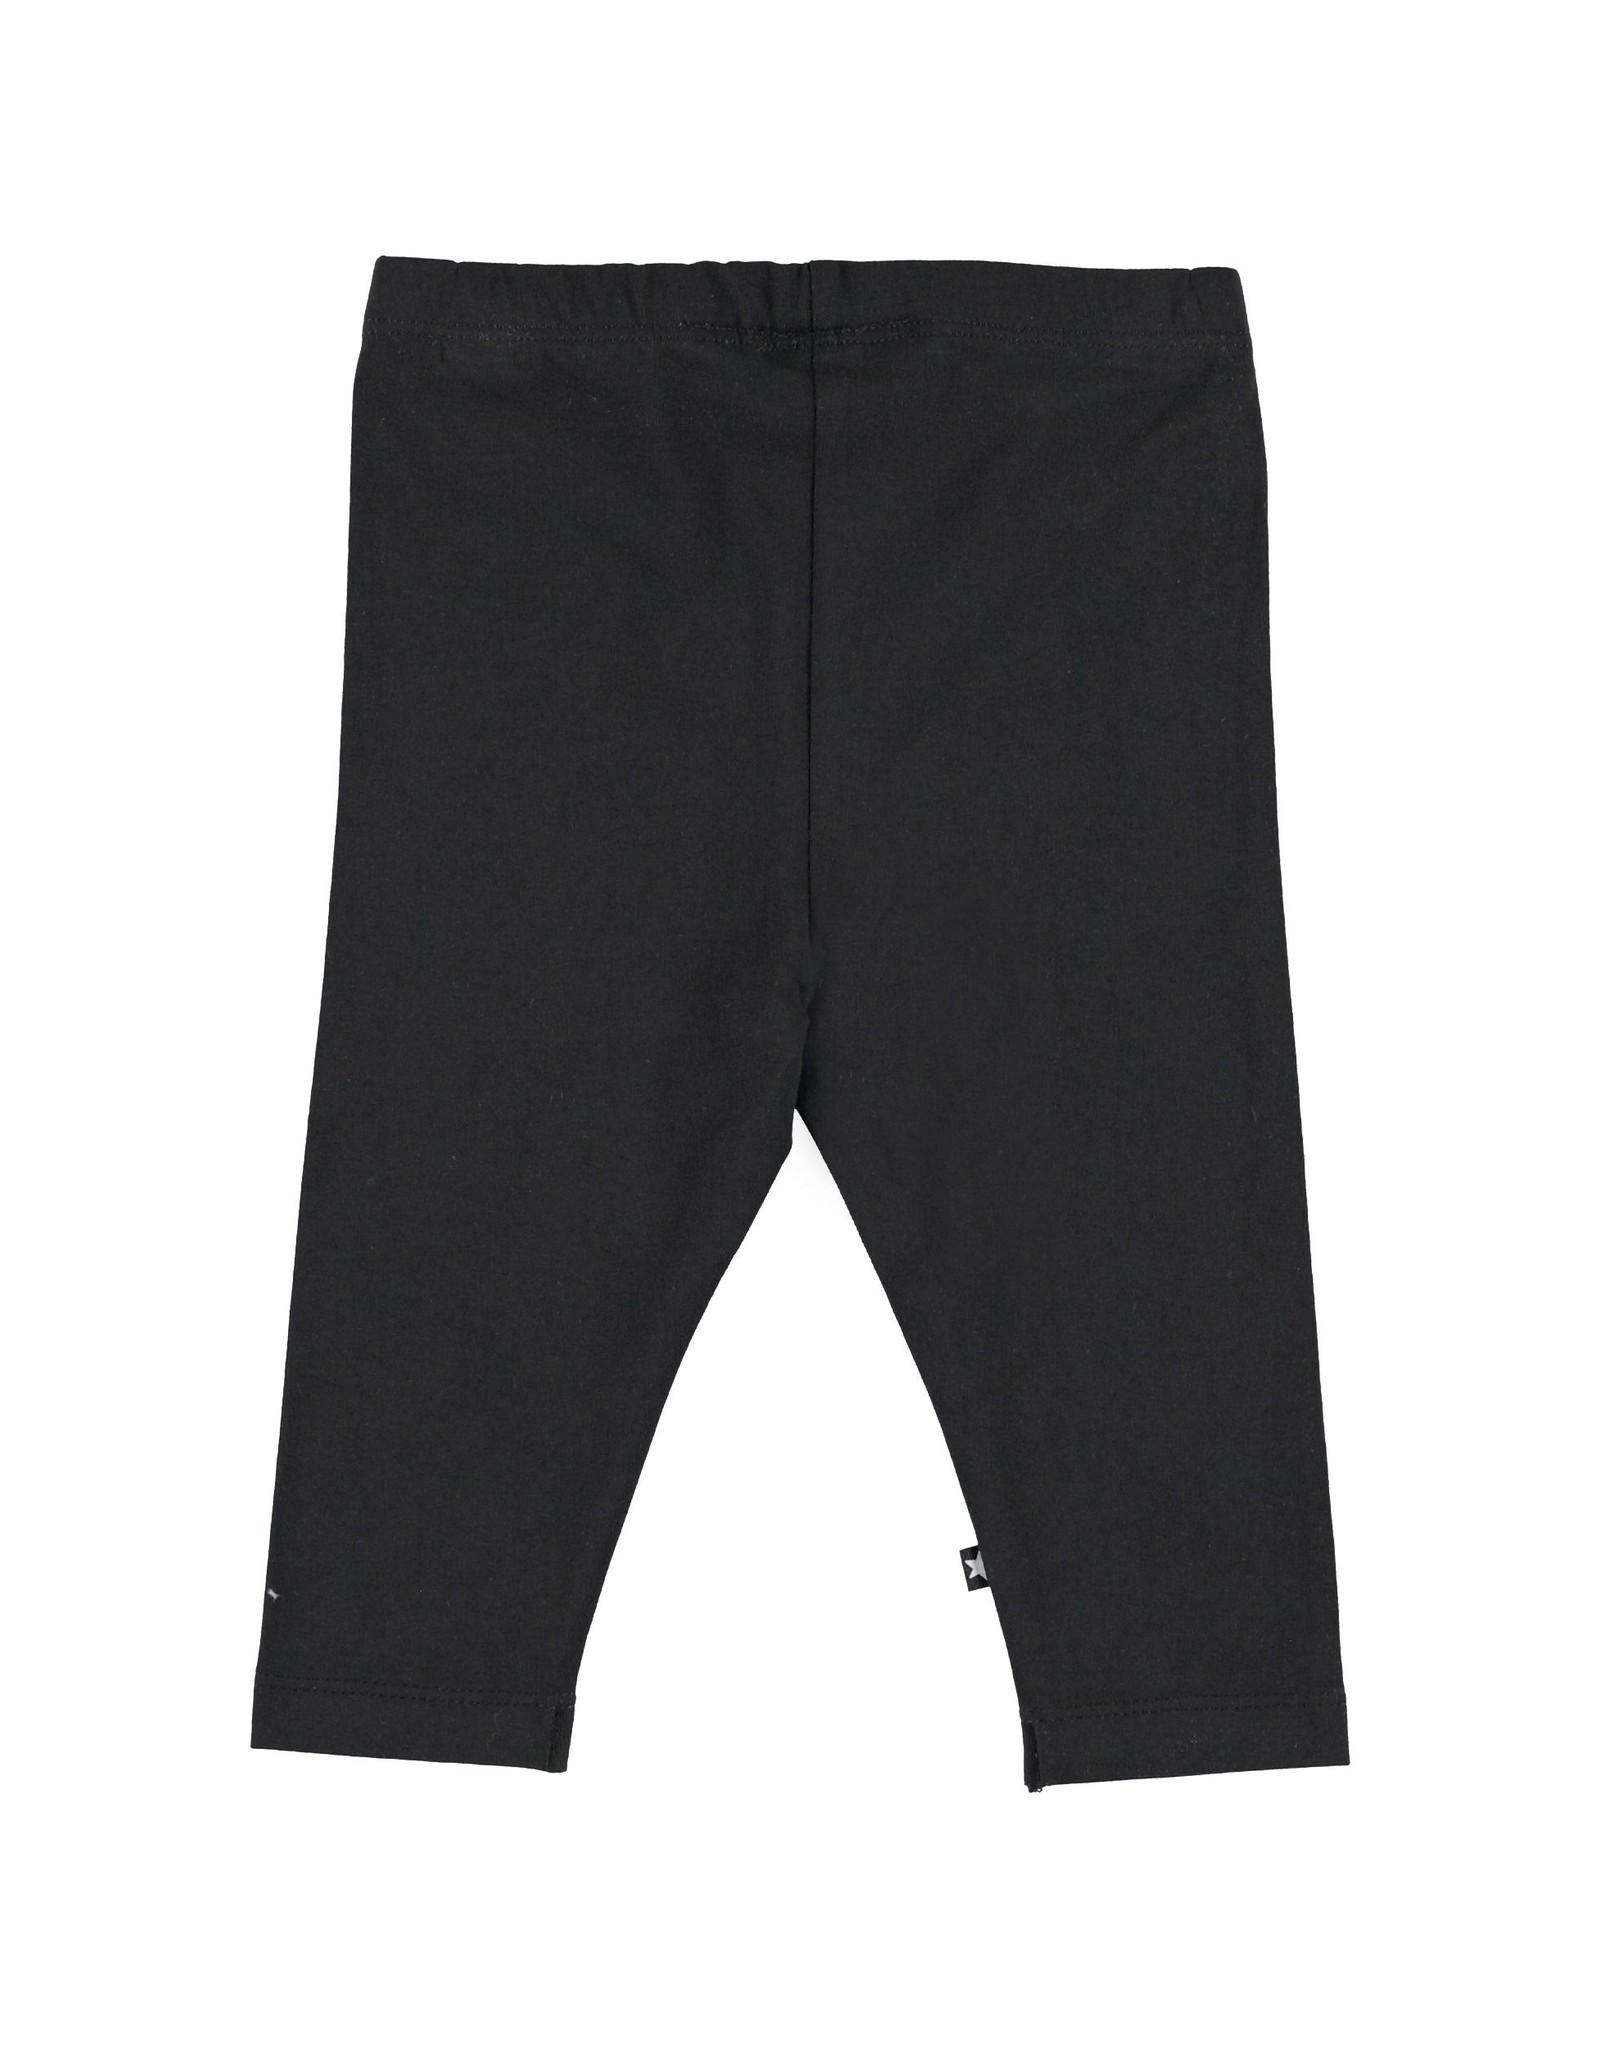 Molo Nette Black Leggings